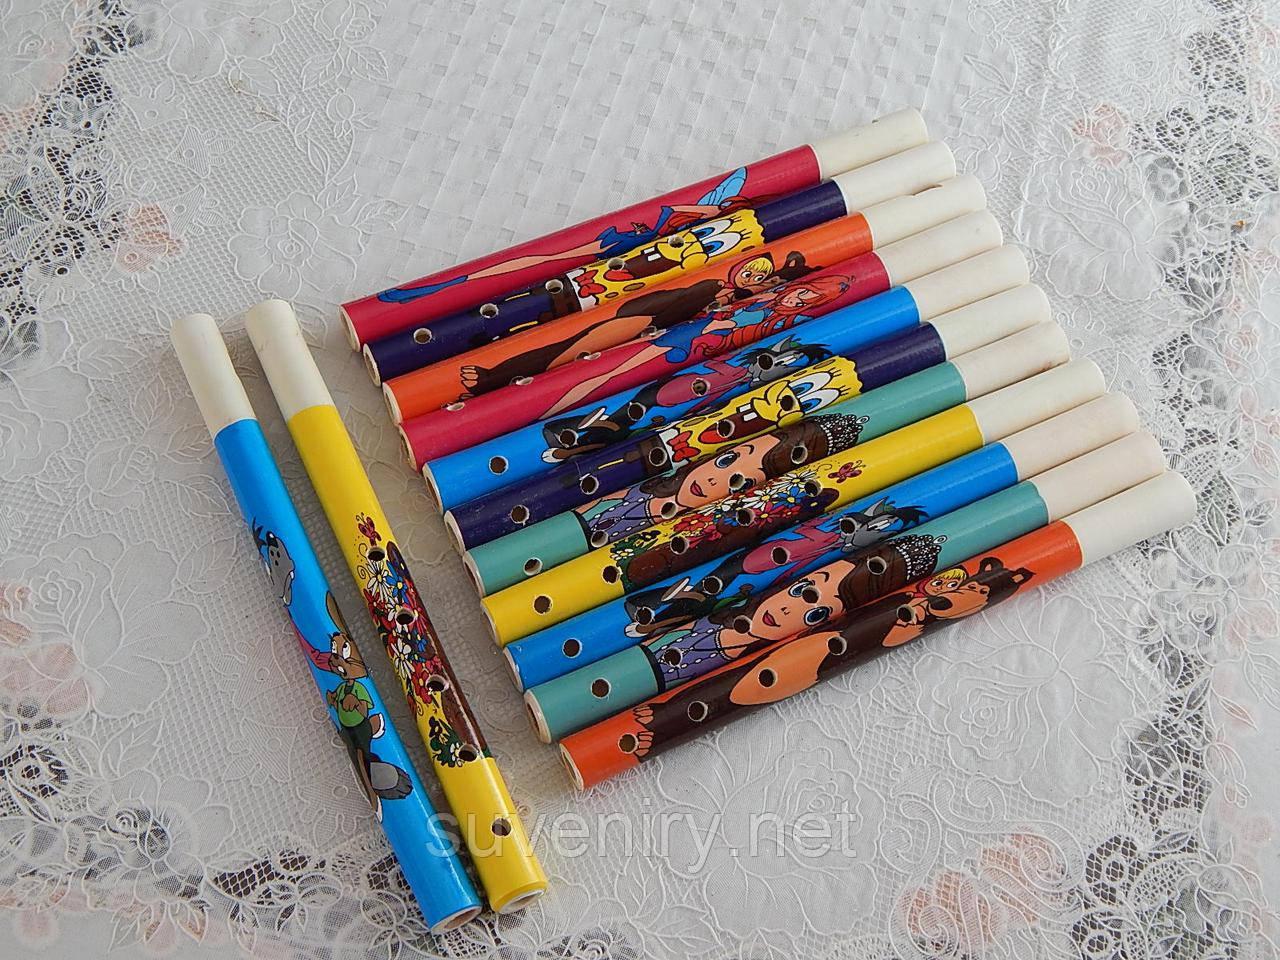 Детские деревянные игрушки дудки сопилки с мультяшками